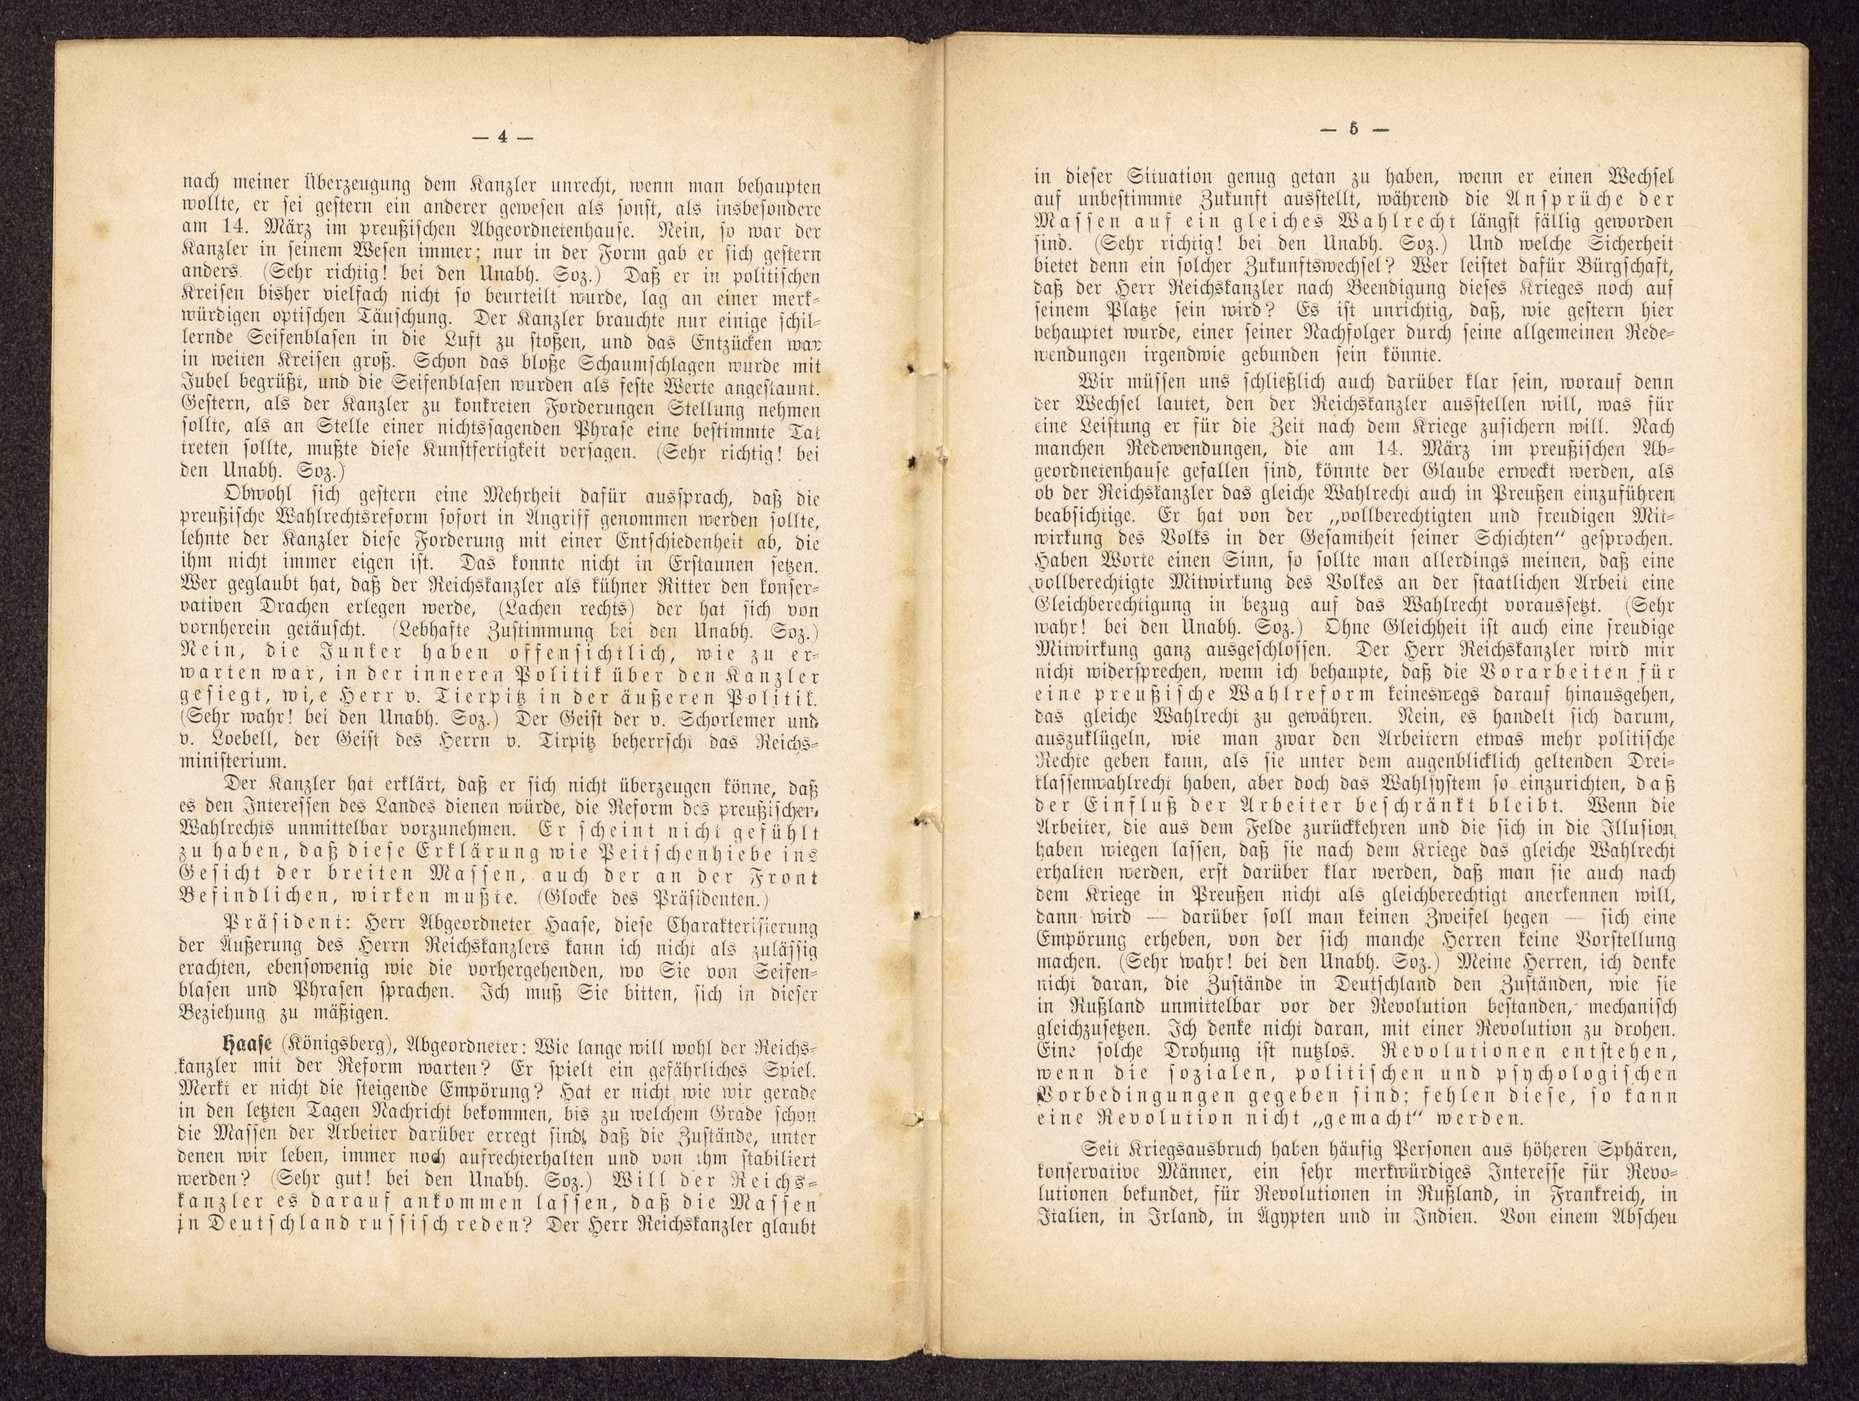 Die Unabhängigen Sozialdemokraten und die innere und äußere Politik im Reichstag. Amtlicher stenographischer Bericht der 96. Sitzung vom 30. März 1917 (Druck: Mönius, Celle), Bild 3